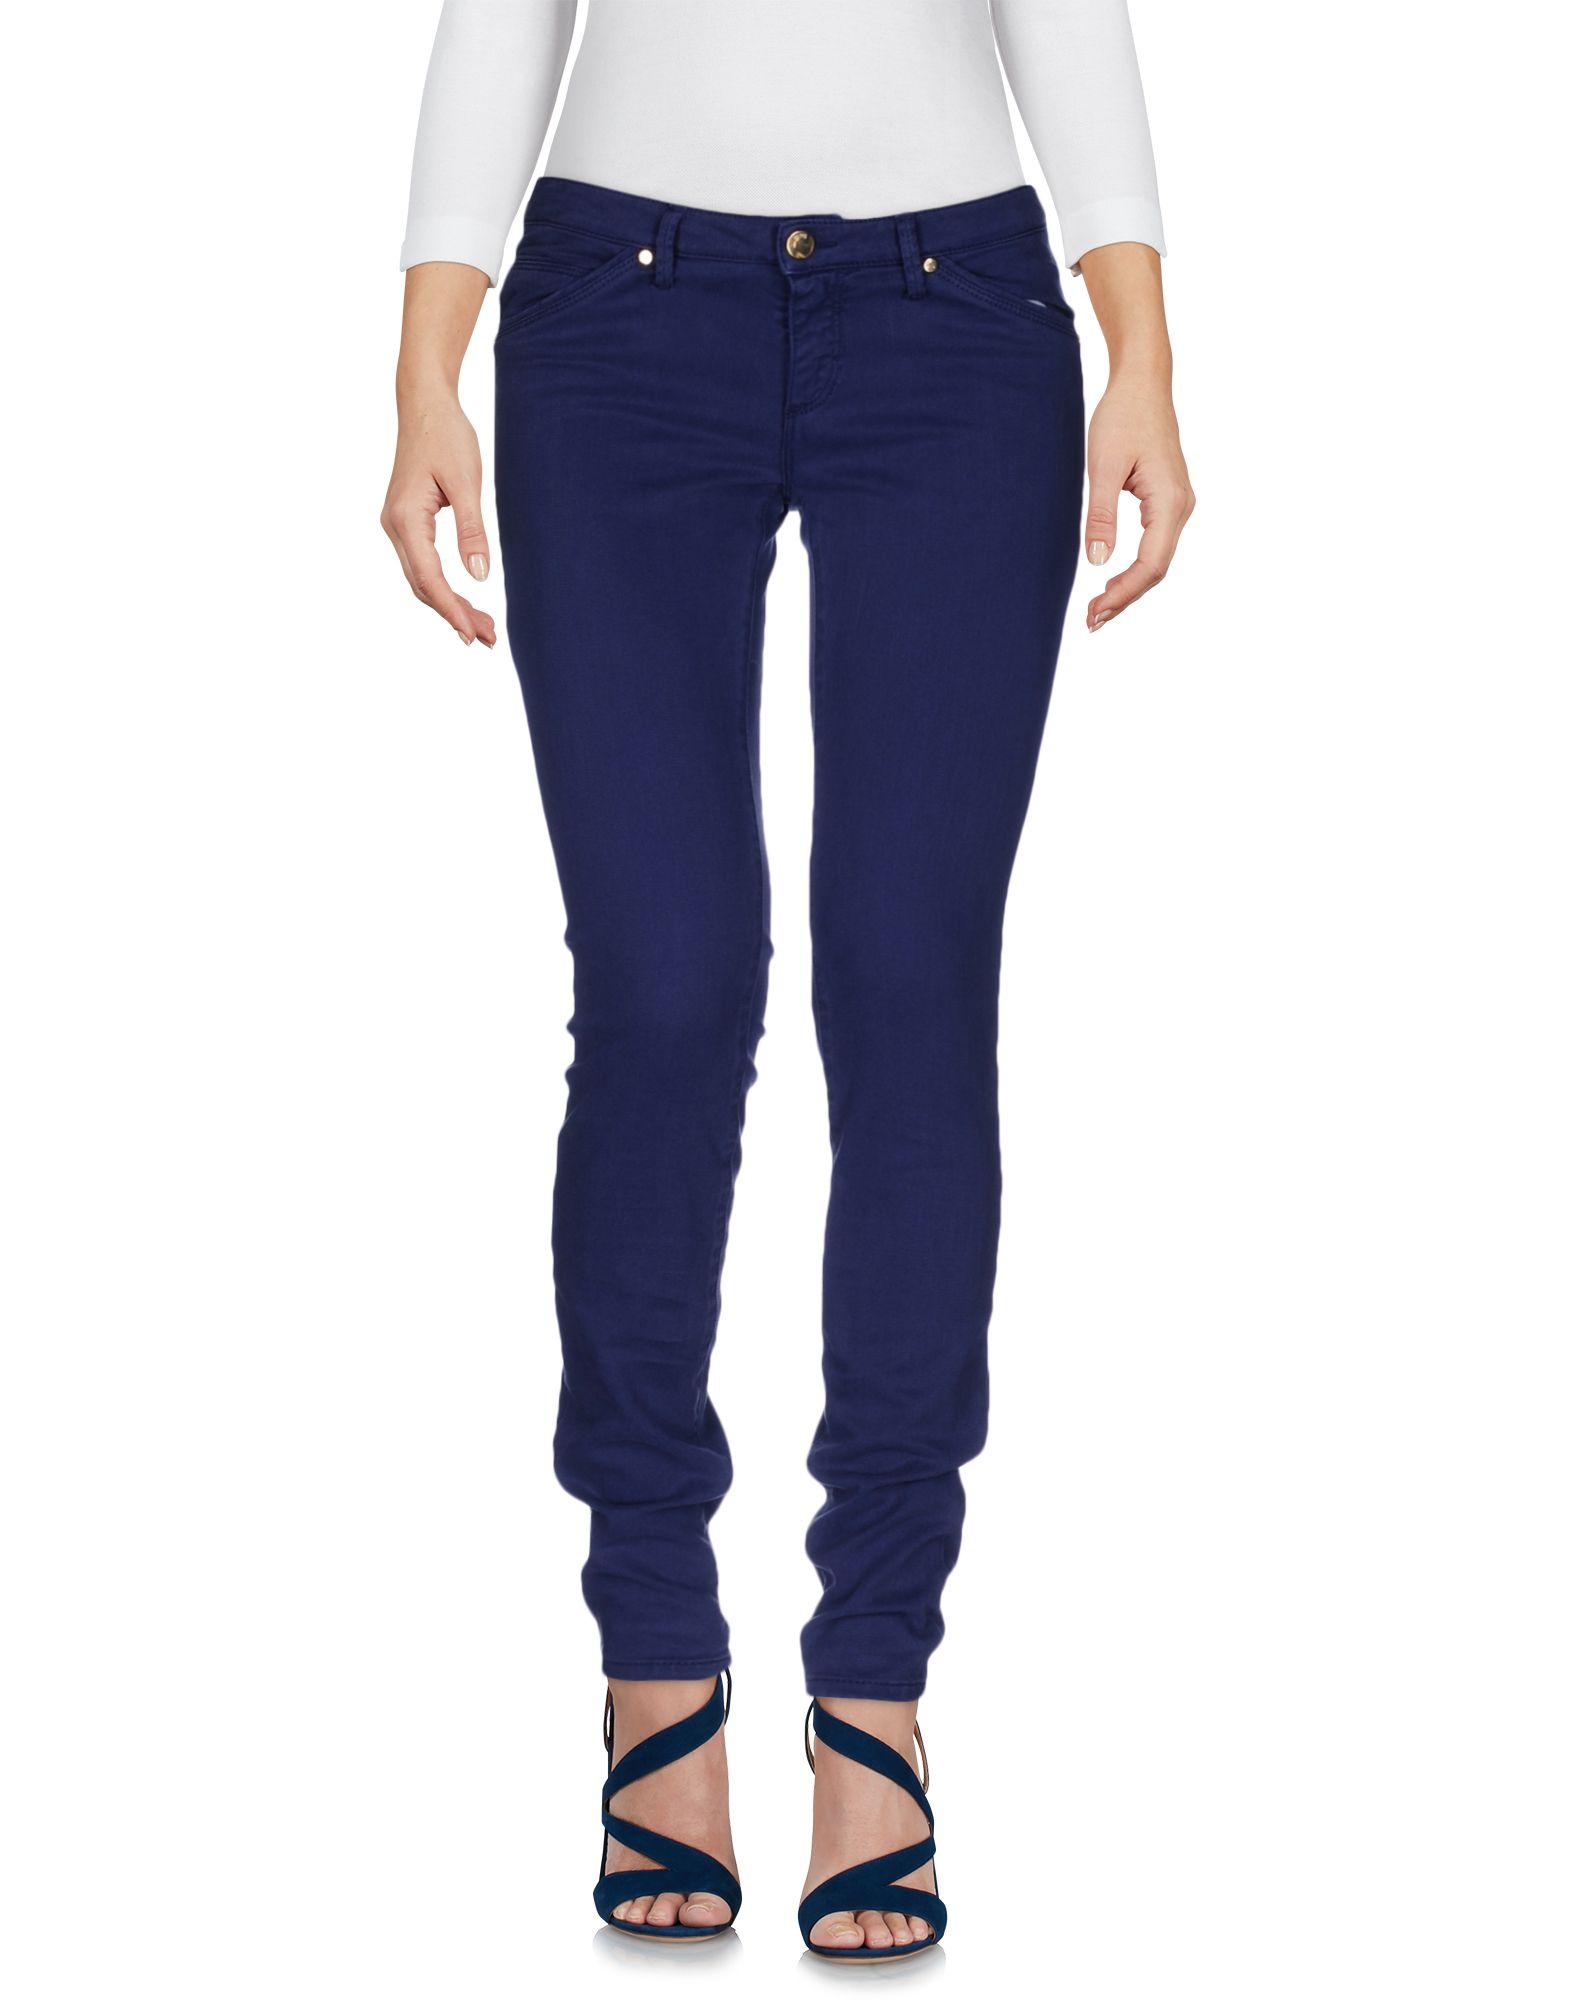 Pantaloni Jeans Jeans Met donna - 42526651TC